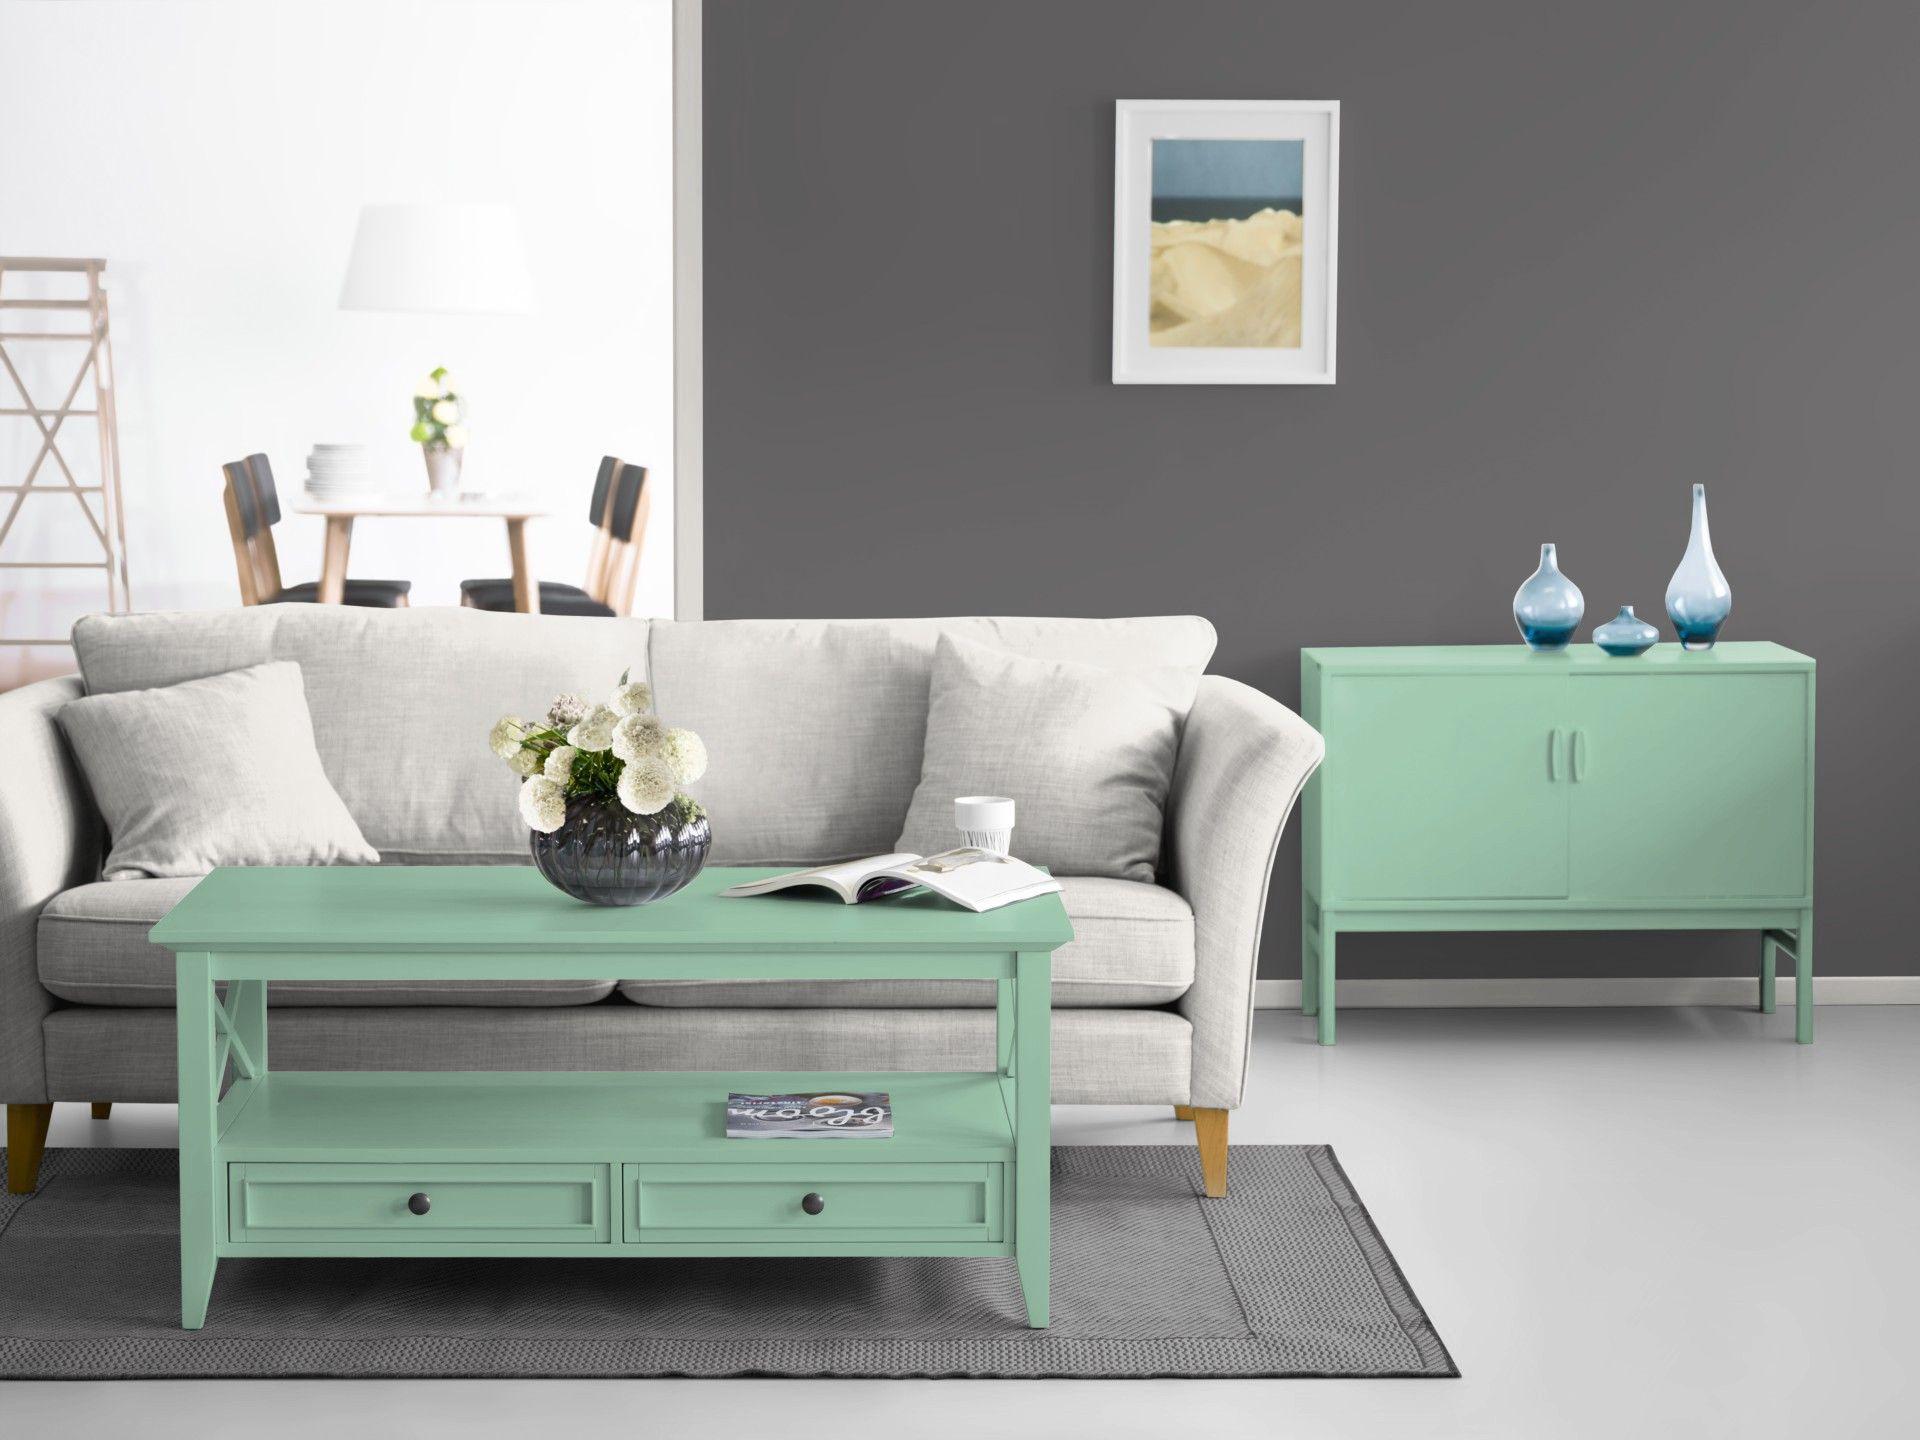 Grau ist modern. Mint-Grün auch. Zeit zu streichen! #Wandfarbe ...